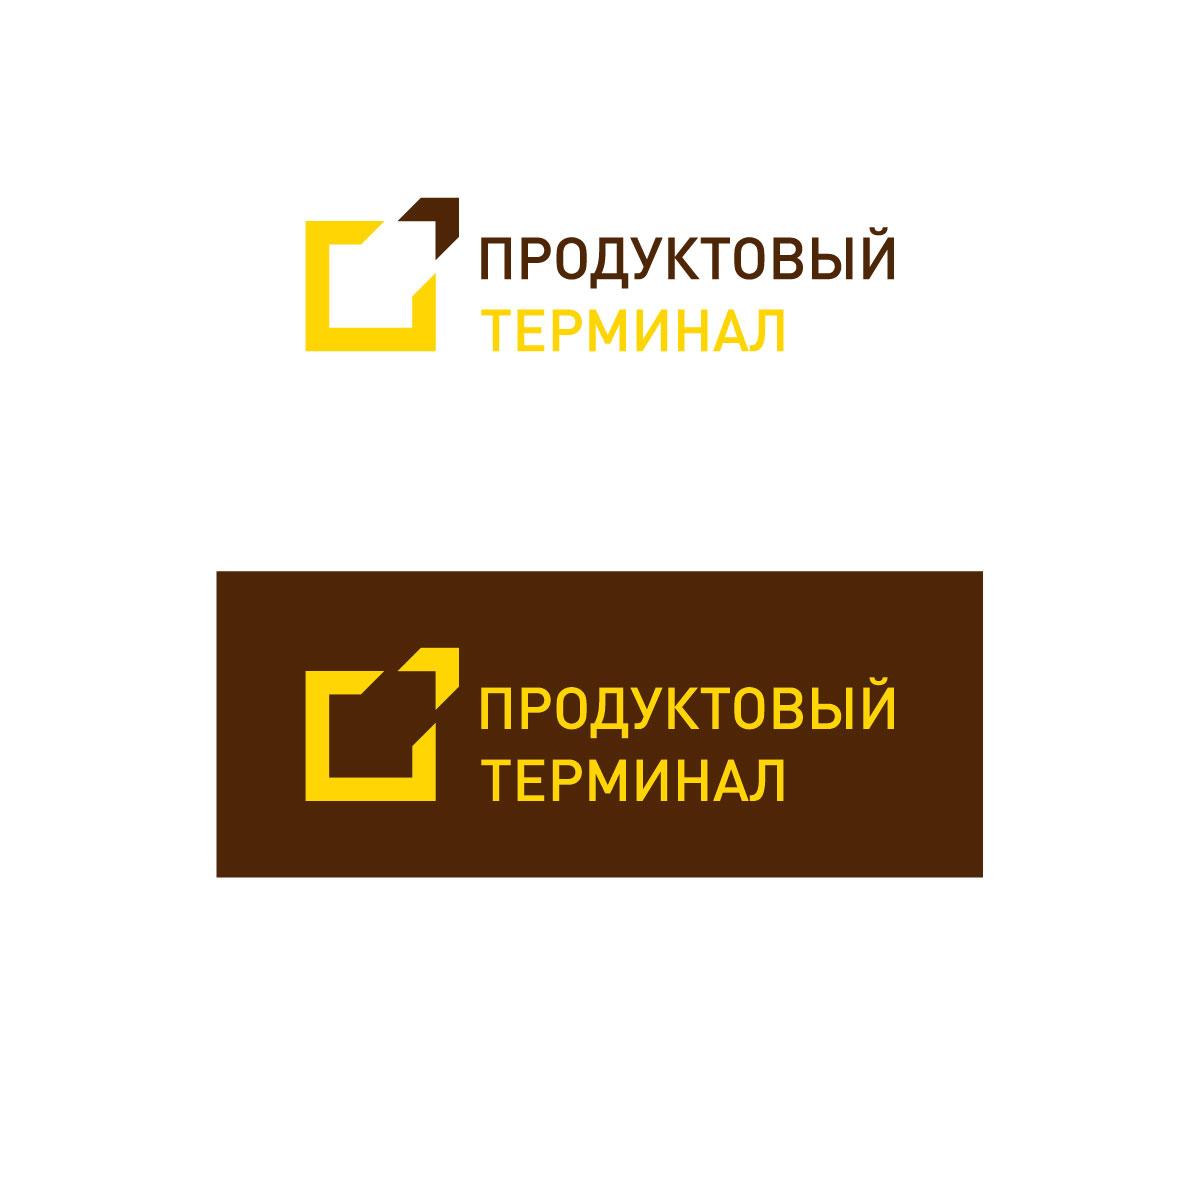 Логотип для сети продуктовых магазинов фото f_96756fbcf59d585a.jpg